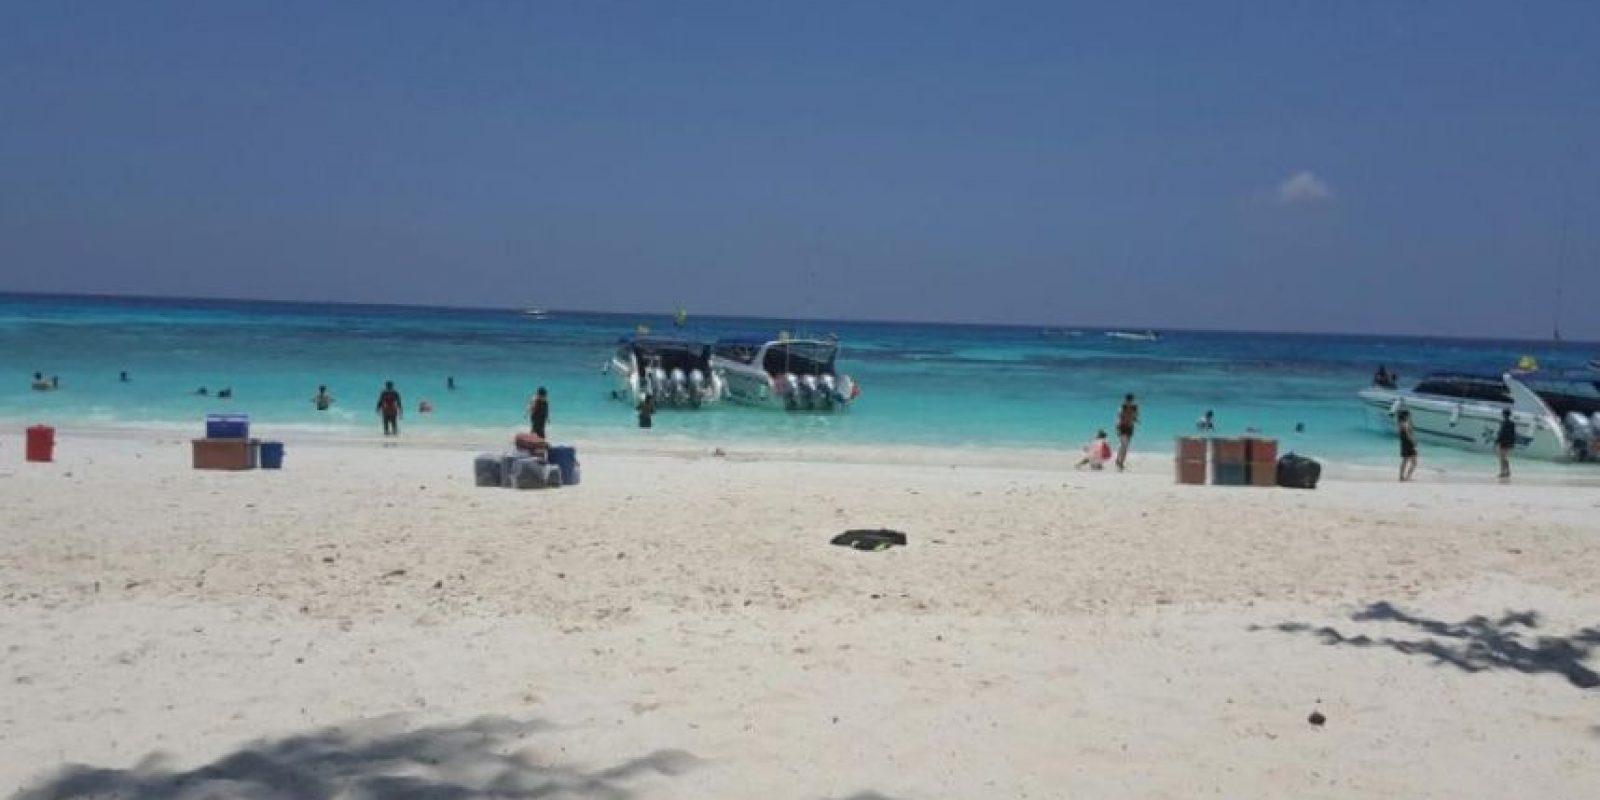 Así lucen las playas en la isla de Koh Tachai. Foto:tripadvisor.com. Imagen Por: